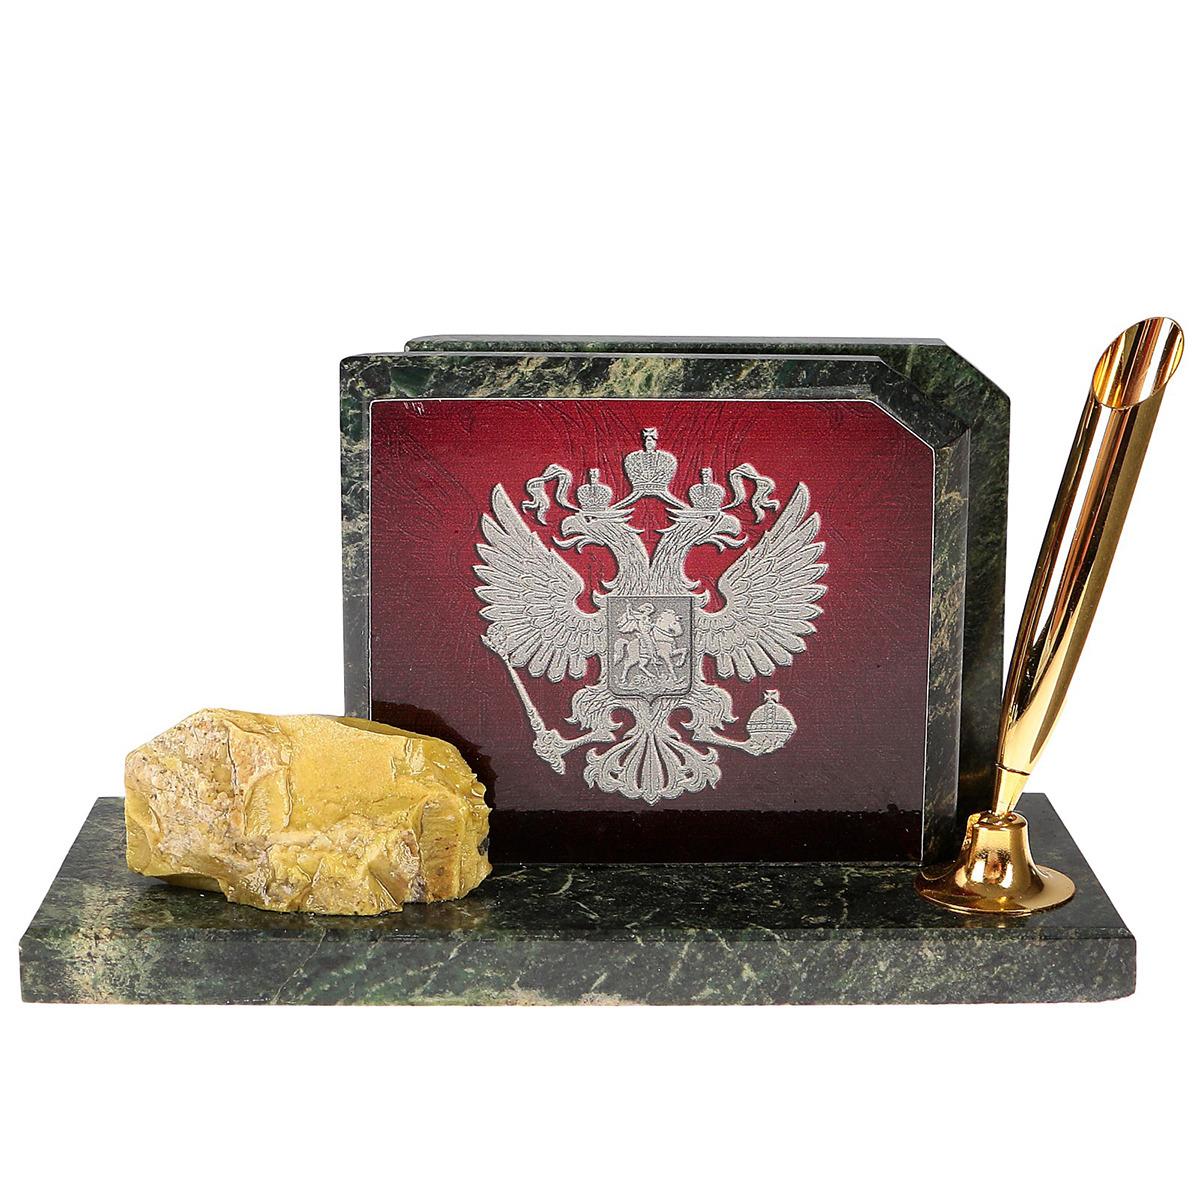 Канцелярский набор Герб на красном фоне, 3527980, зеленый